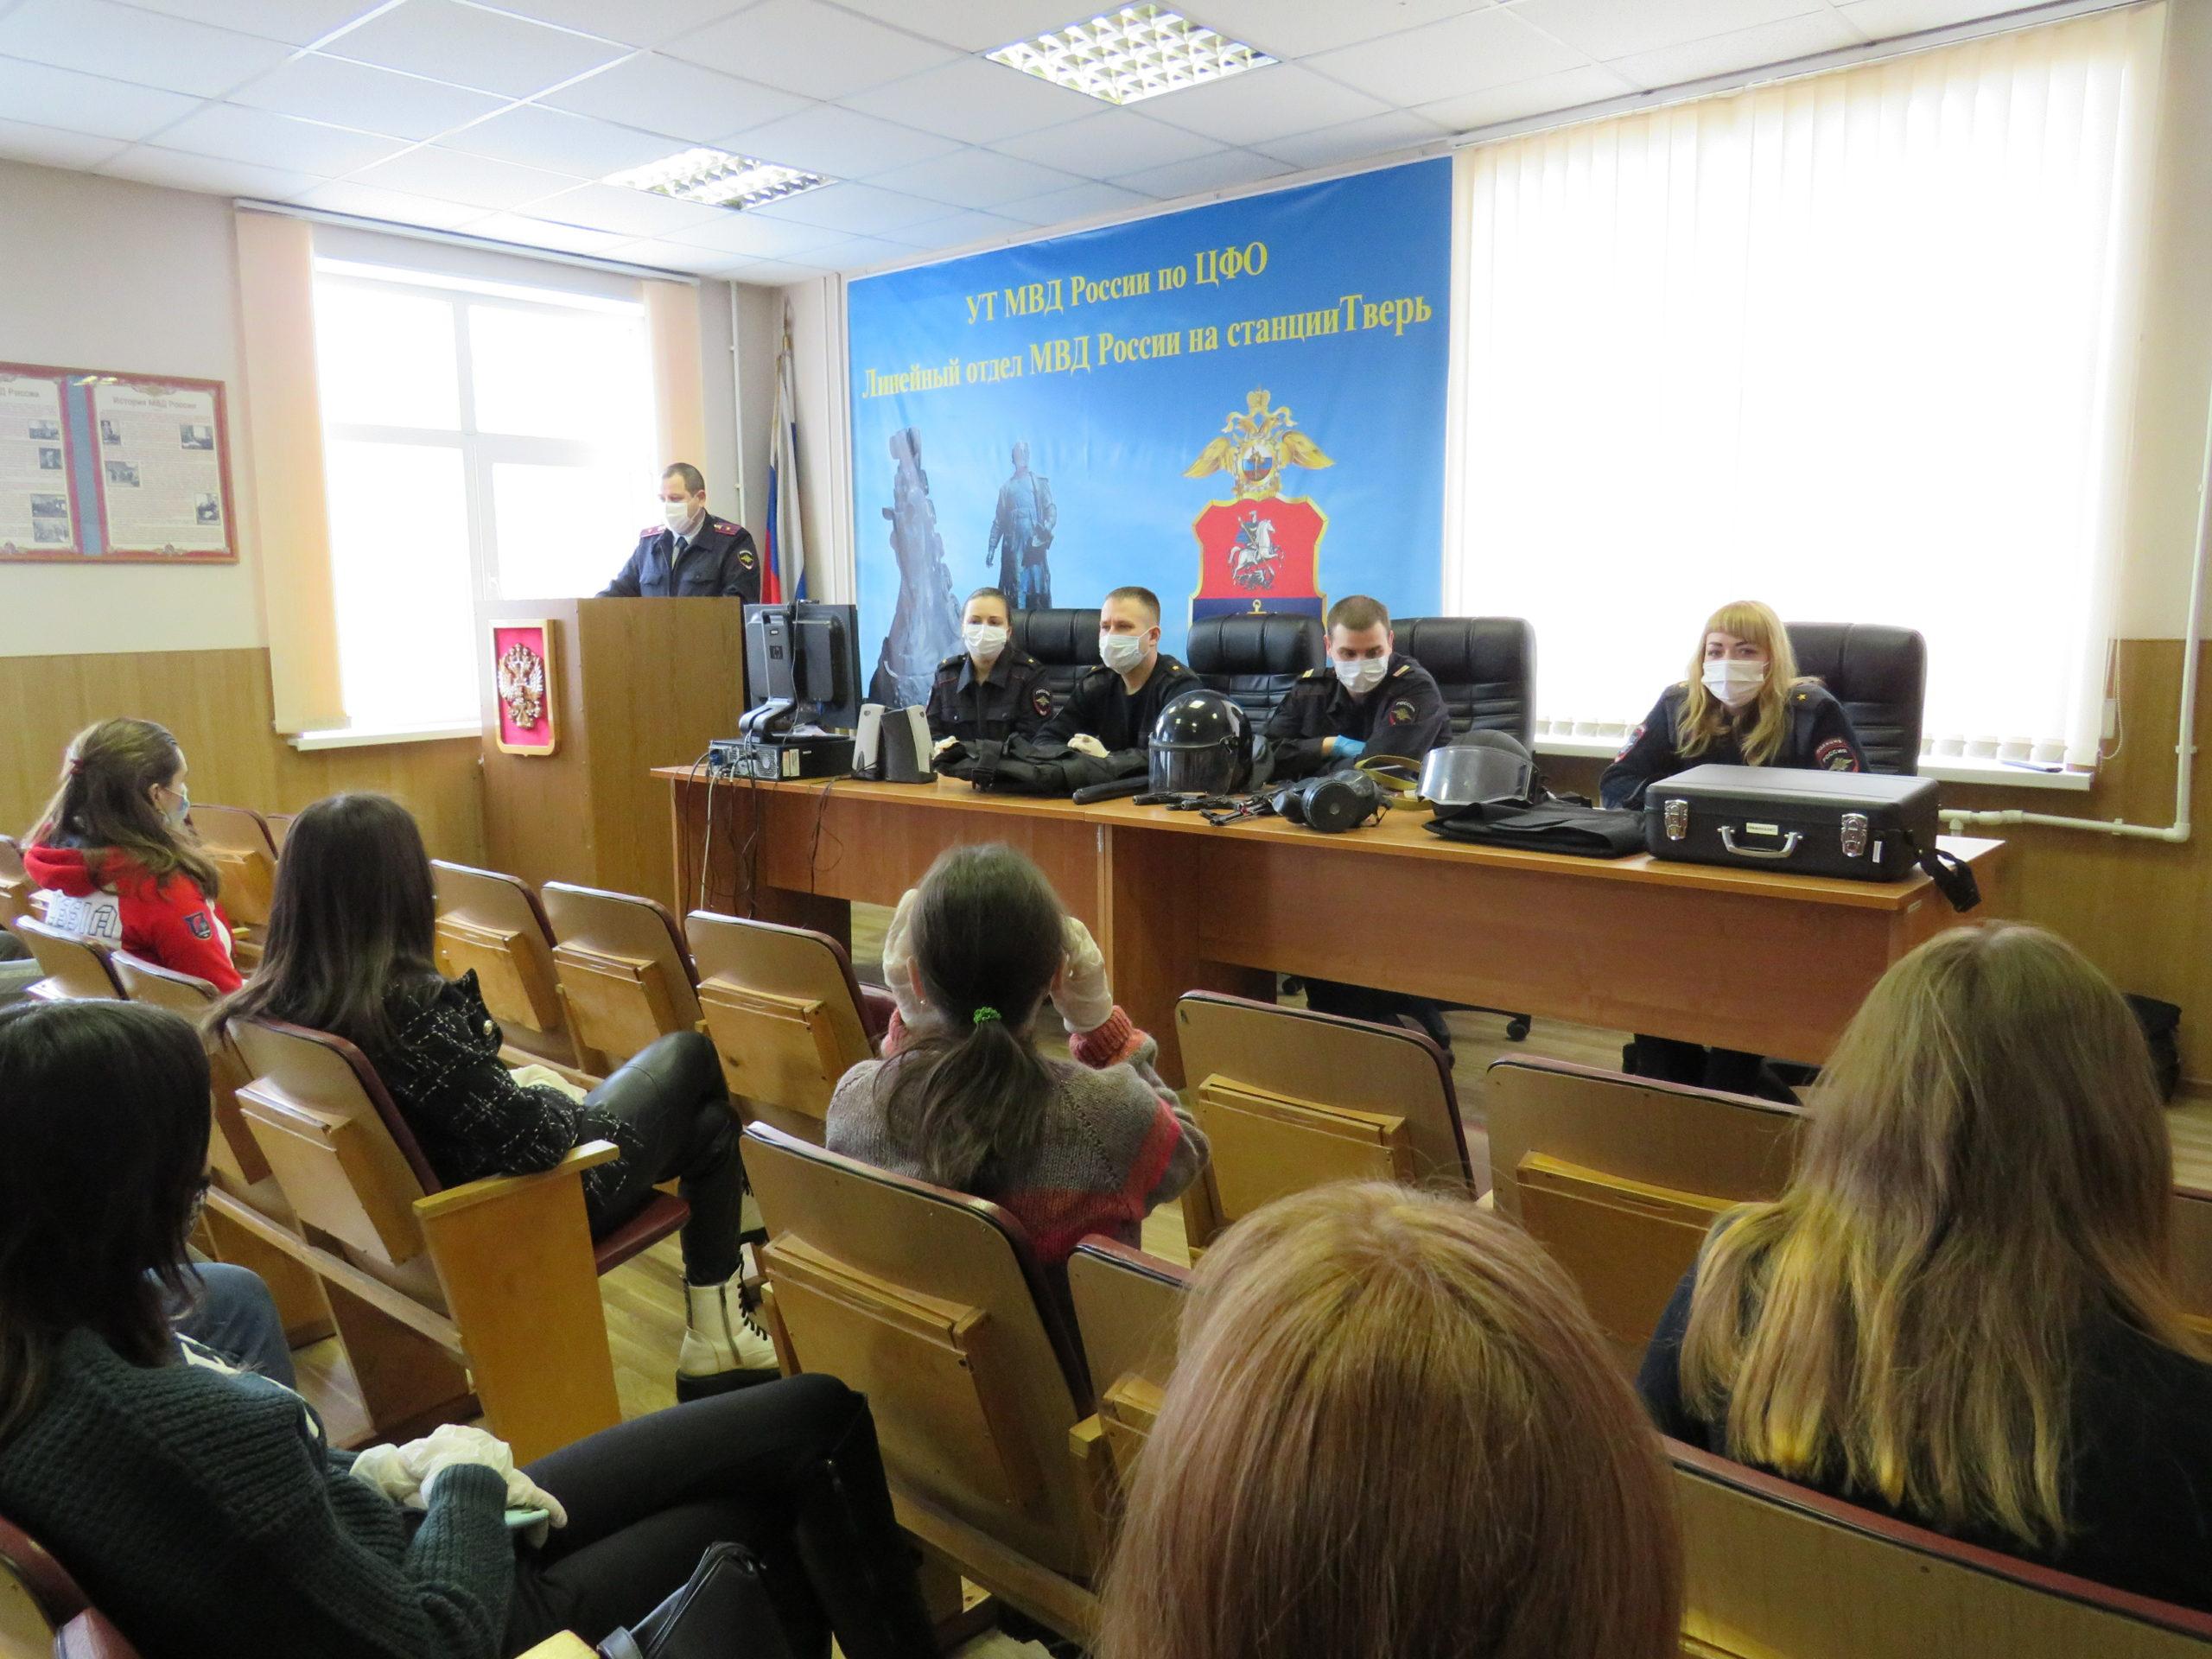 Будущие юристы прошли стажировку в подразделении транспортной полиции в Твери